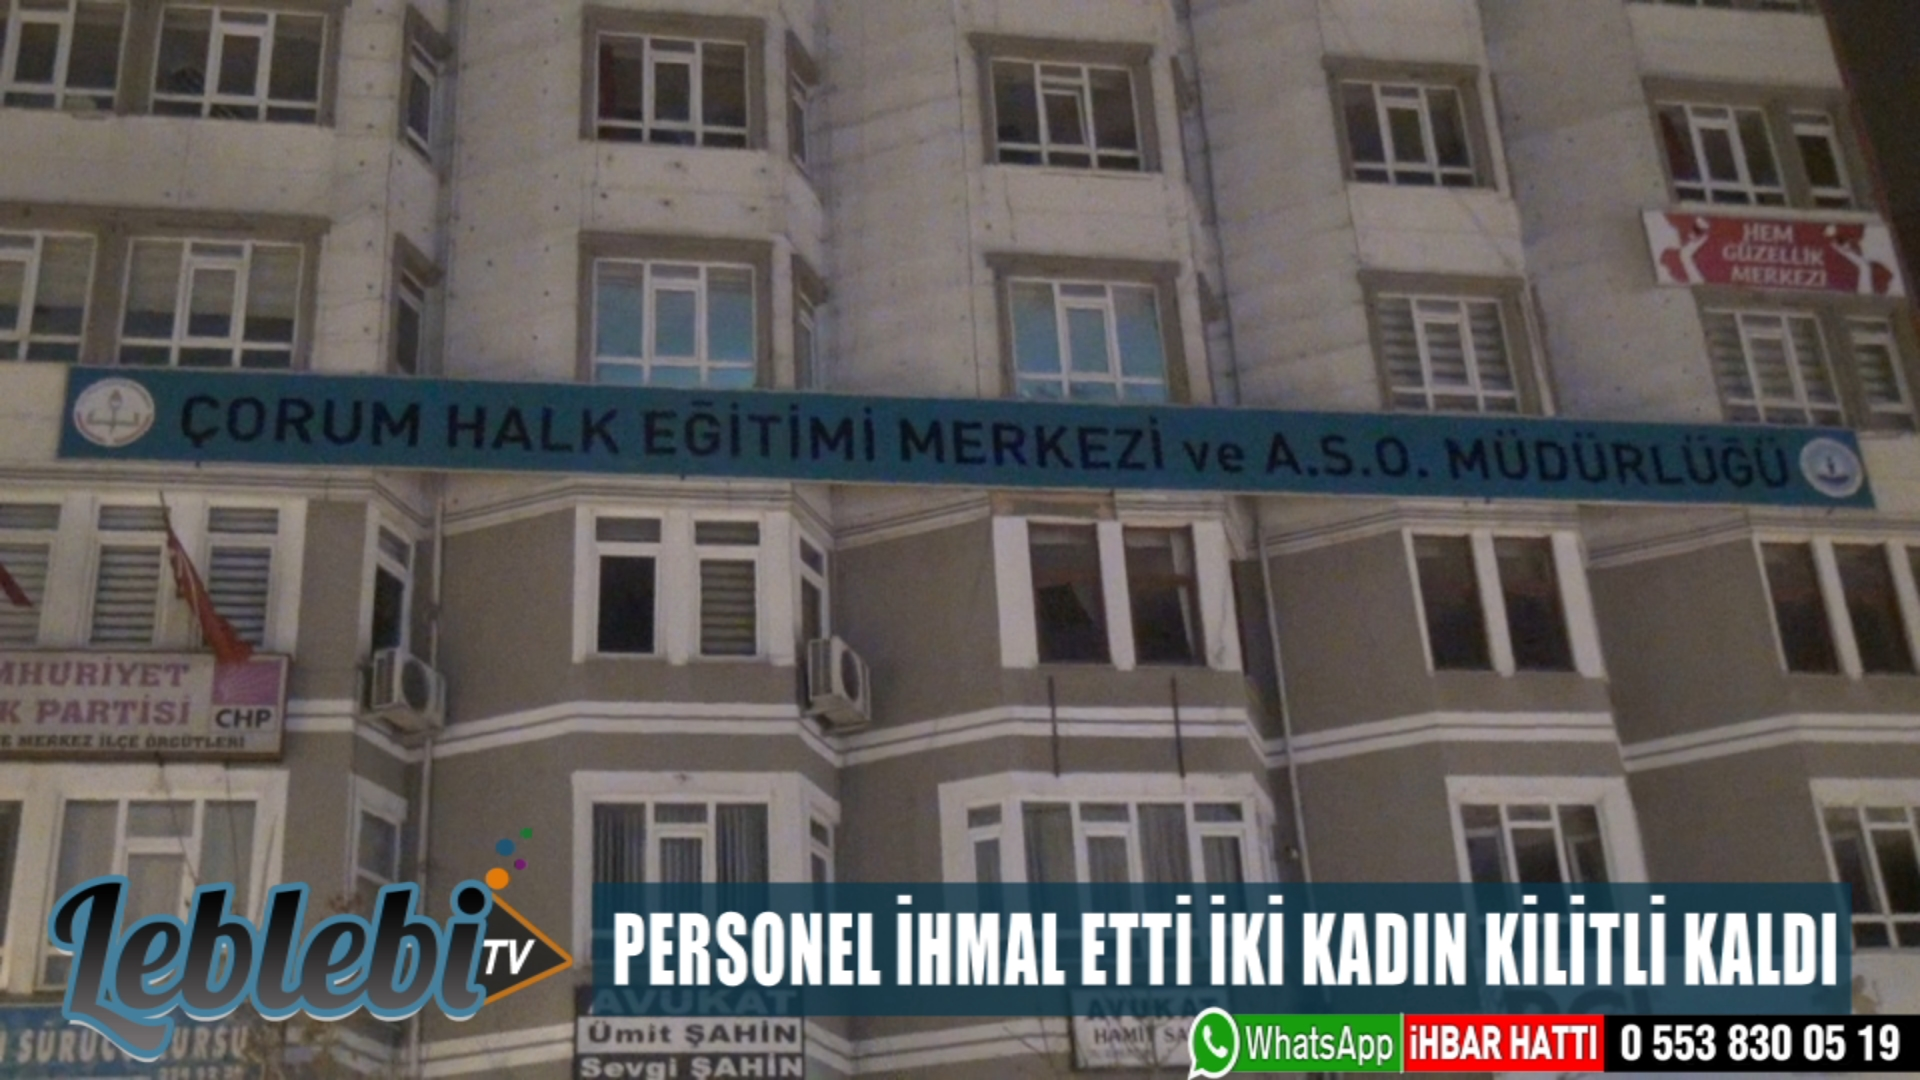 PERSONEL İHMAL ETTİ İKİ KADIN KİLİTLİ KALDI